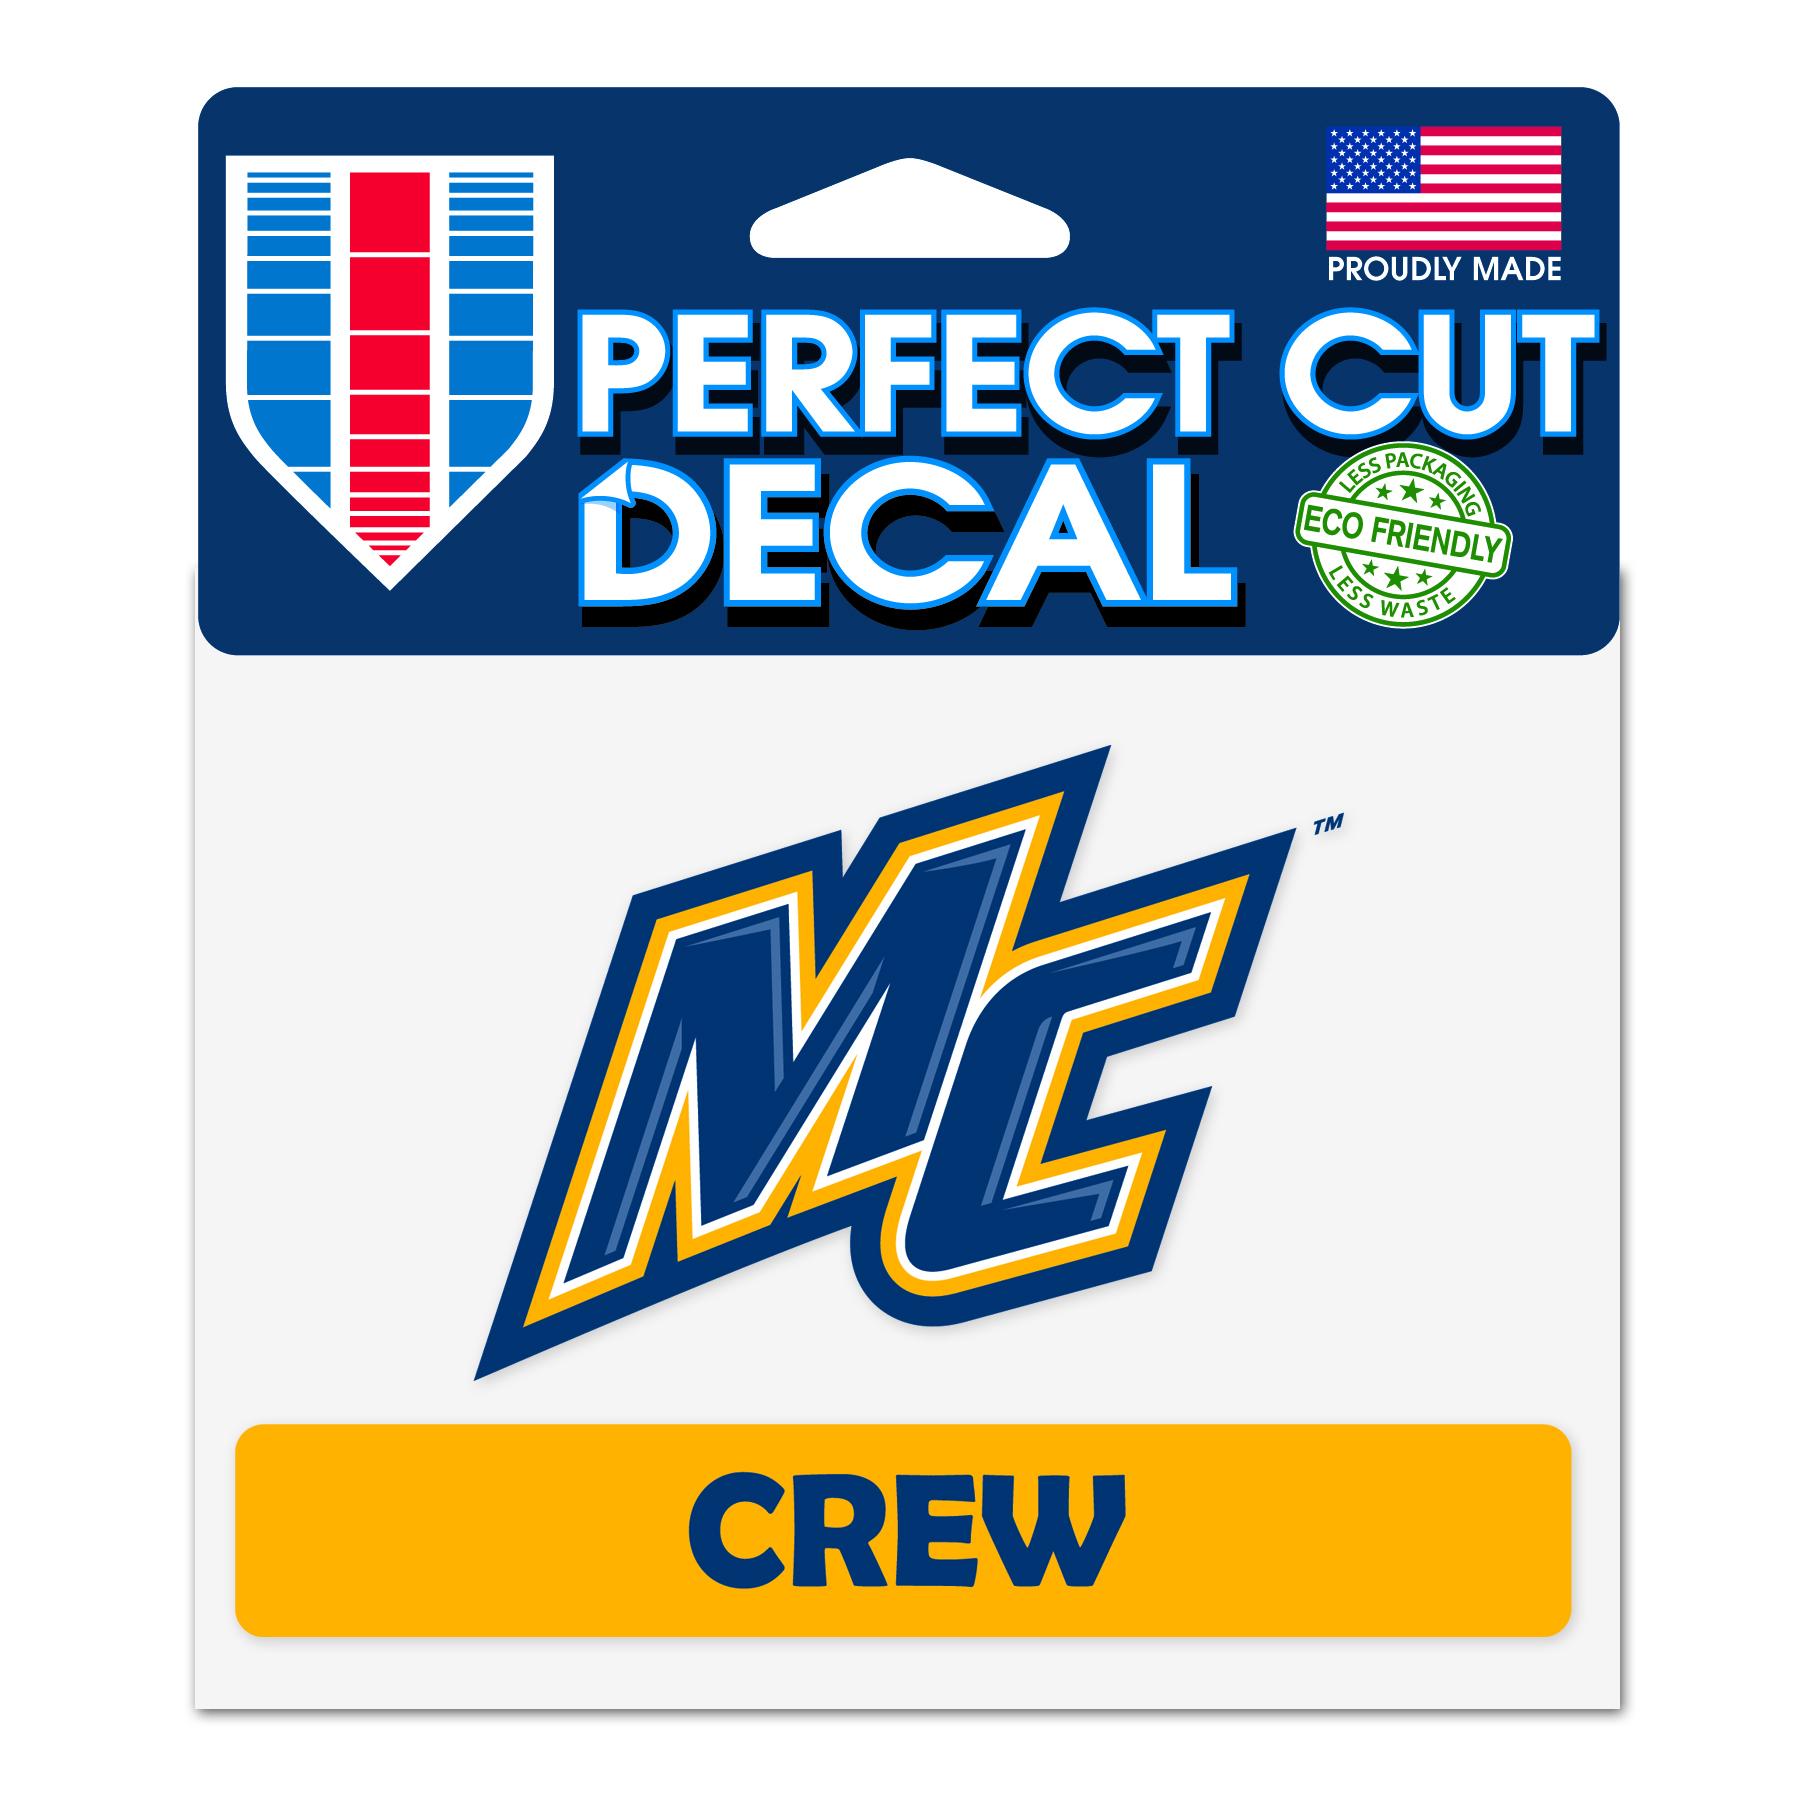 Decal - Crew